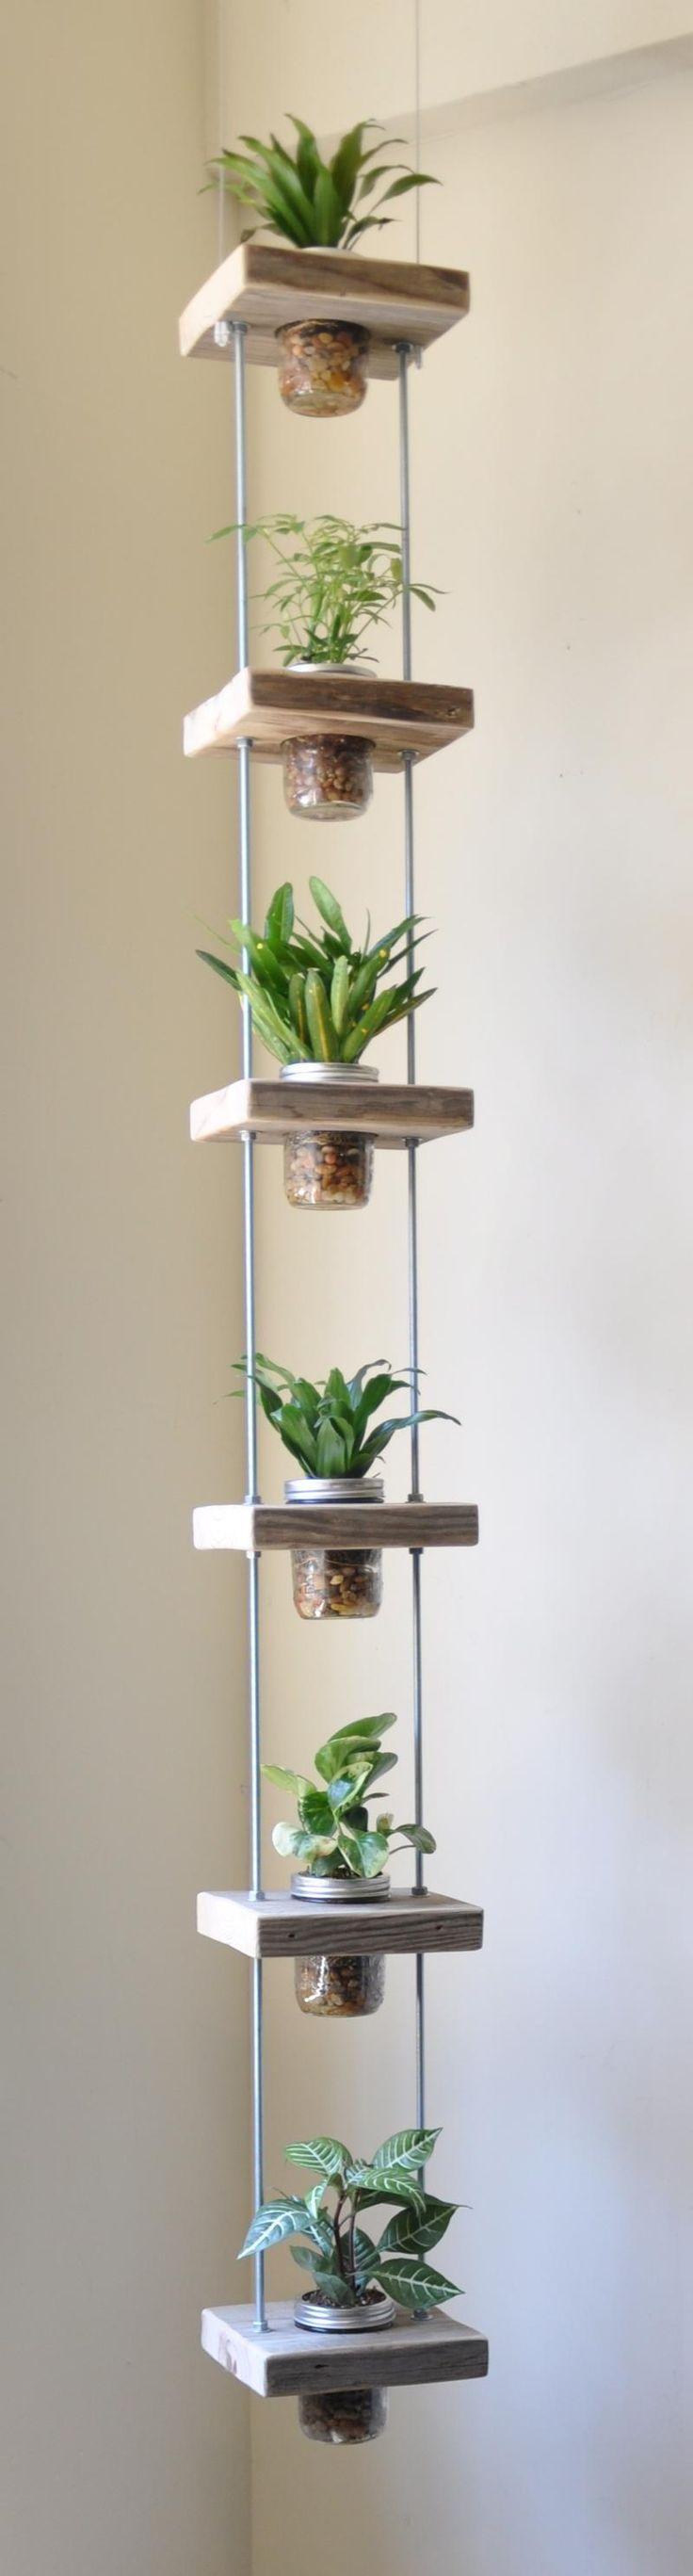 Creative Indoor Vertical Wall Gardens   Pflanzen, Deko und Summer